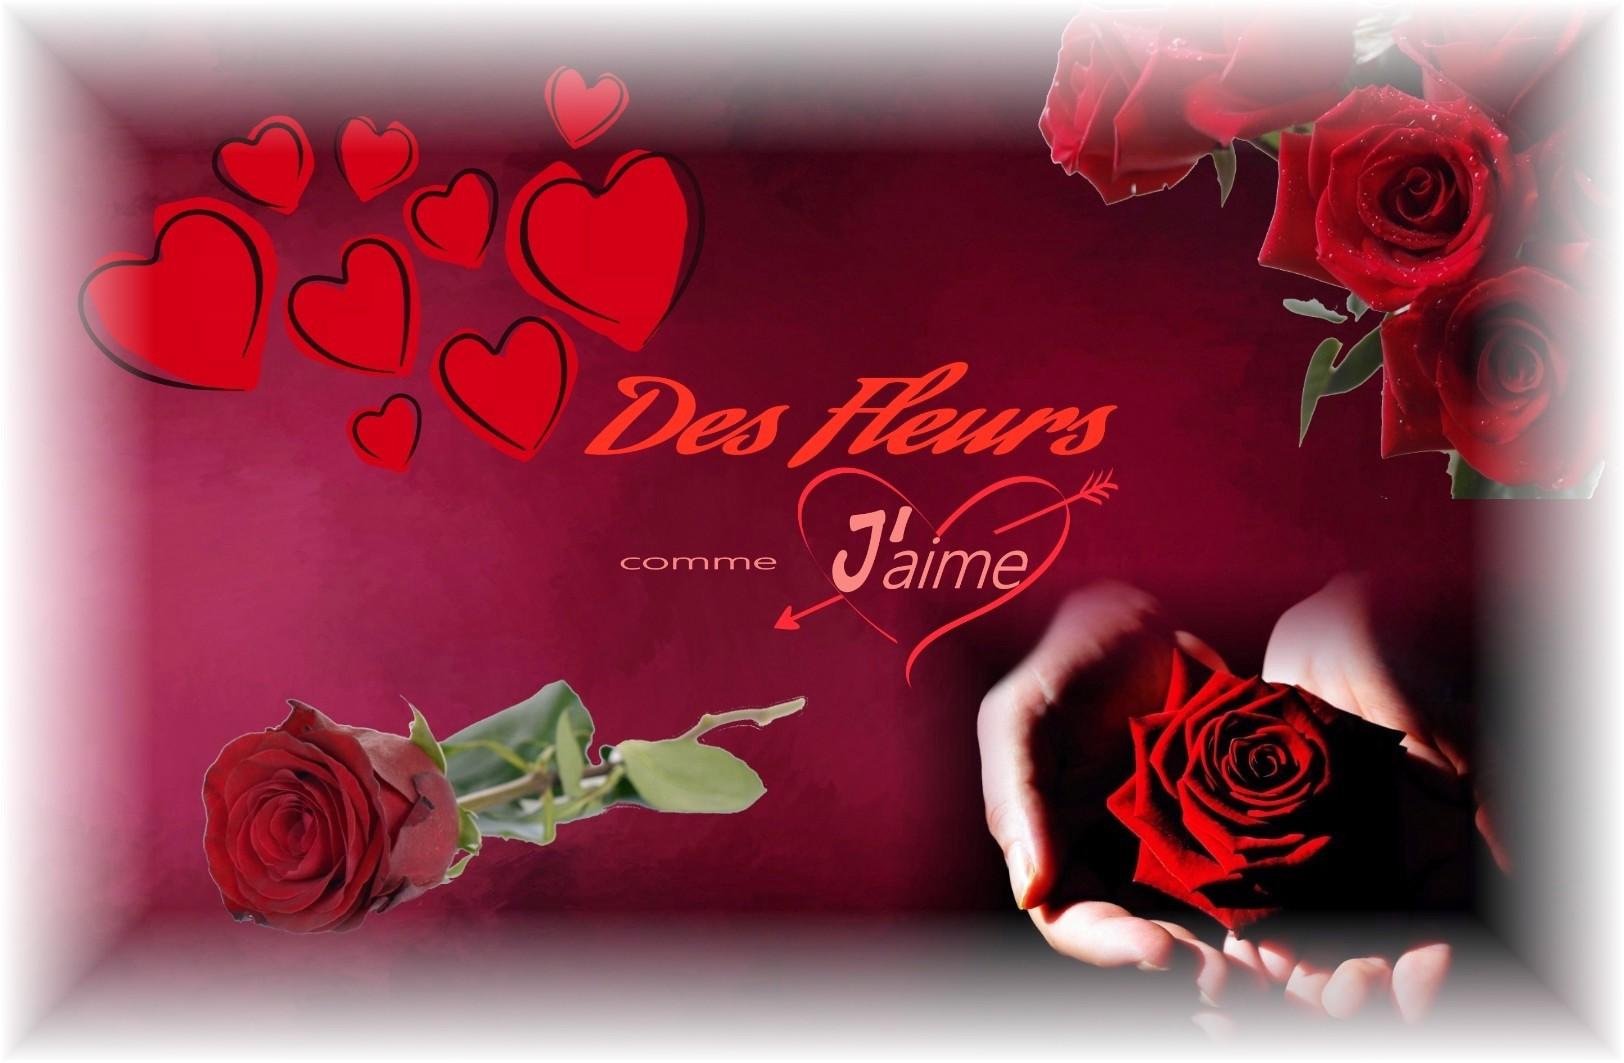 Combien De Rose Pour La St Valentin roses rouges villenave d'ornon - fleurs saint valentin